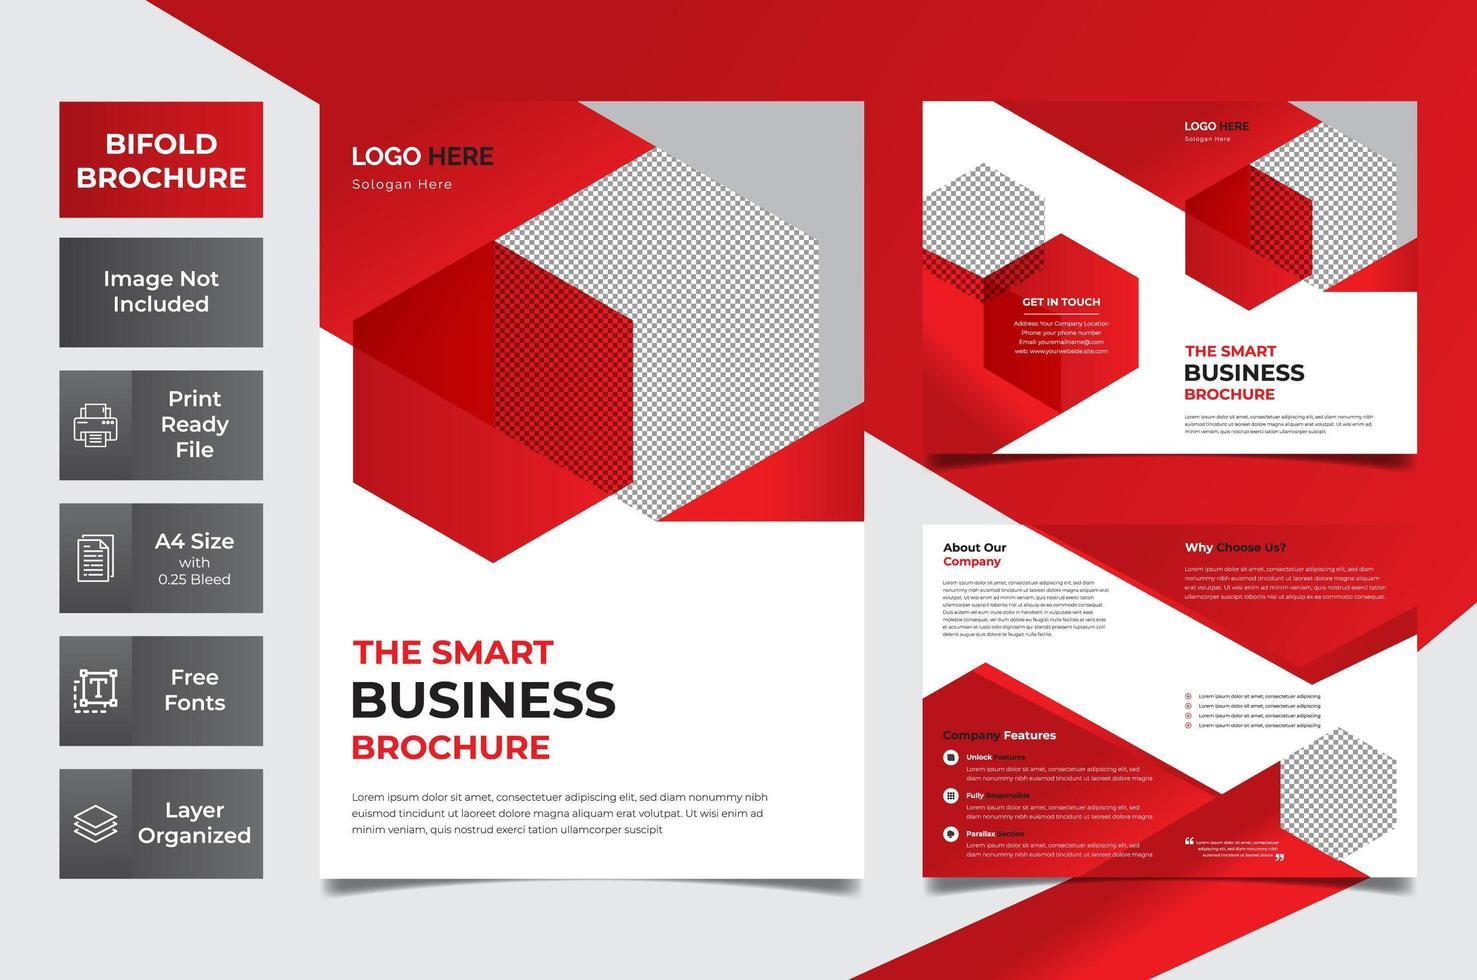 brochure d'entreprise rouge et blanche à deux volets vecteur